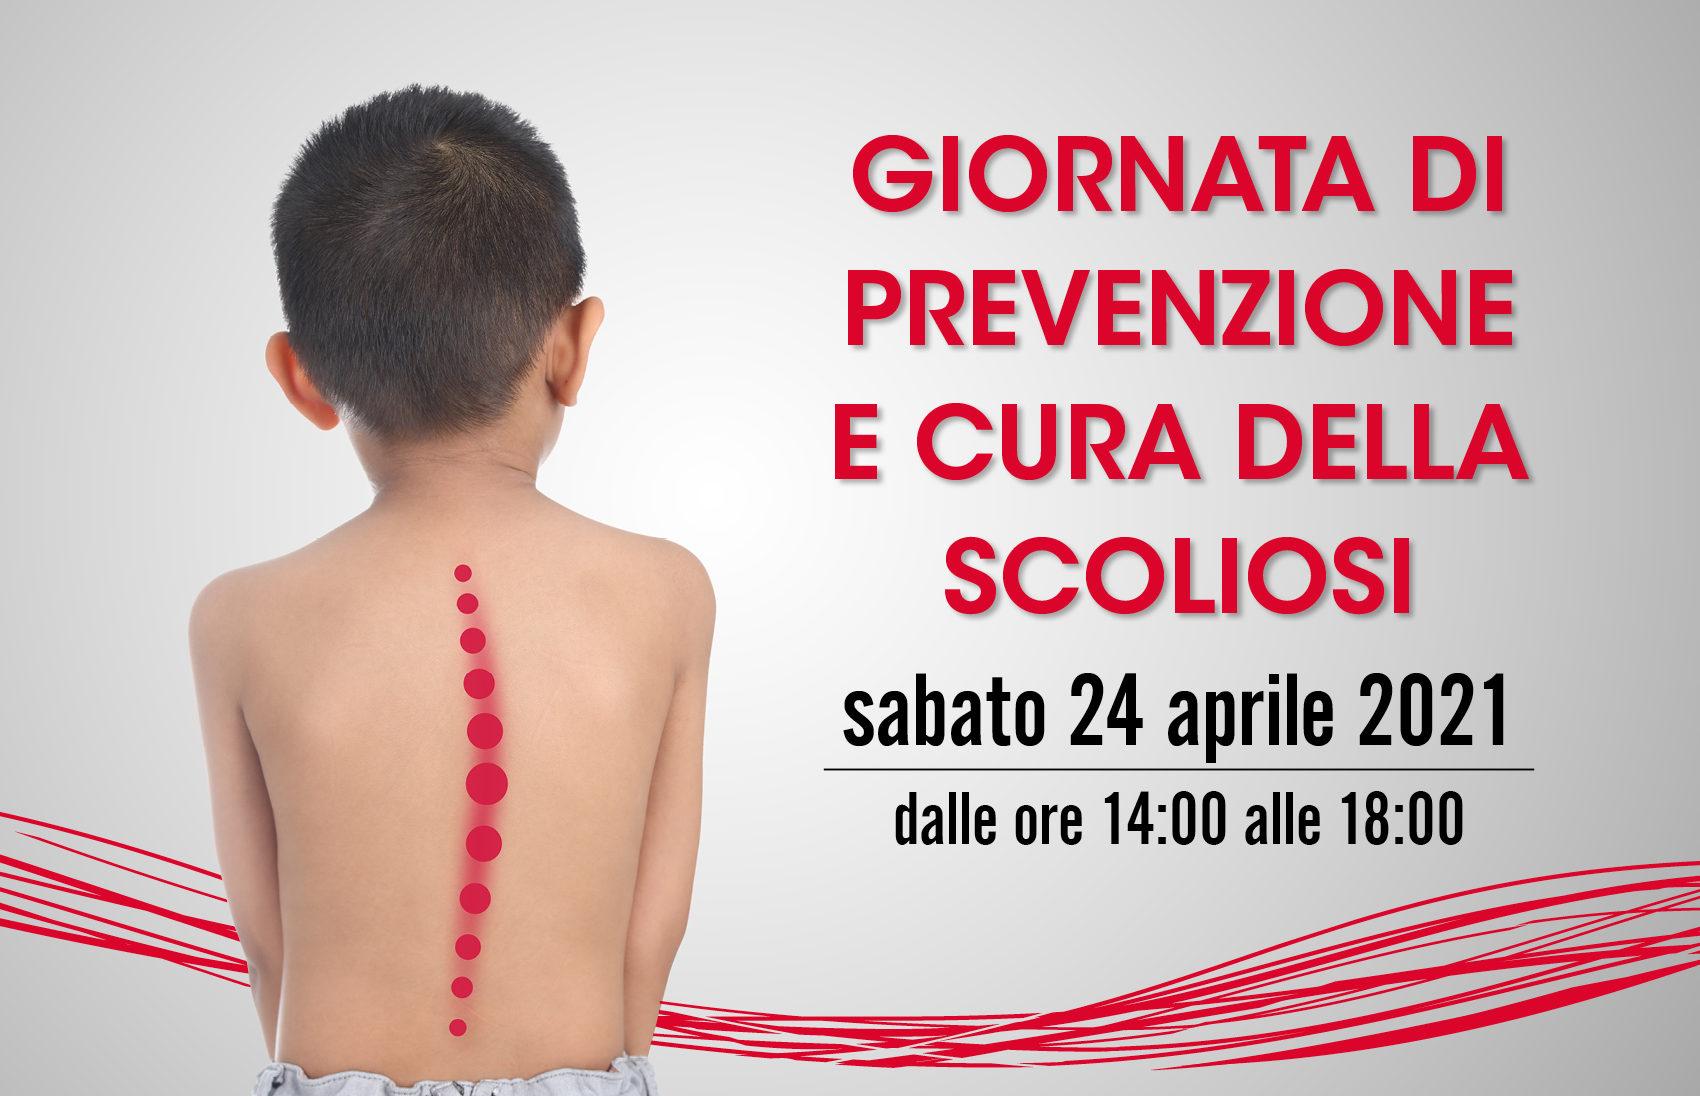 giornata-gratuita-prevenzione-scoliosi